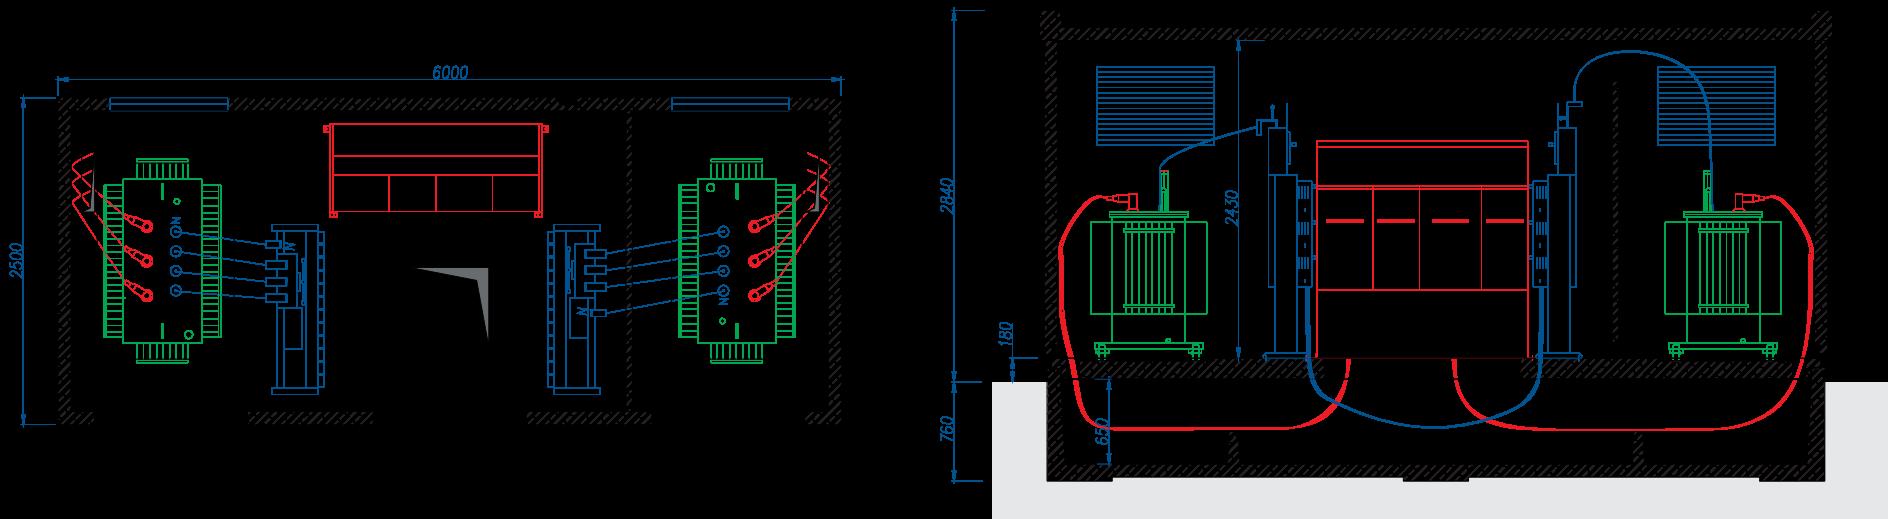 Rzut stacji transformatorowej BEK 250/600